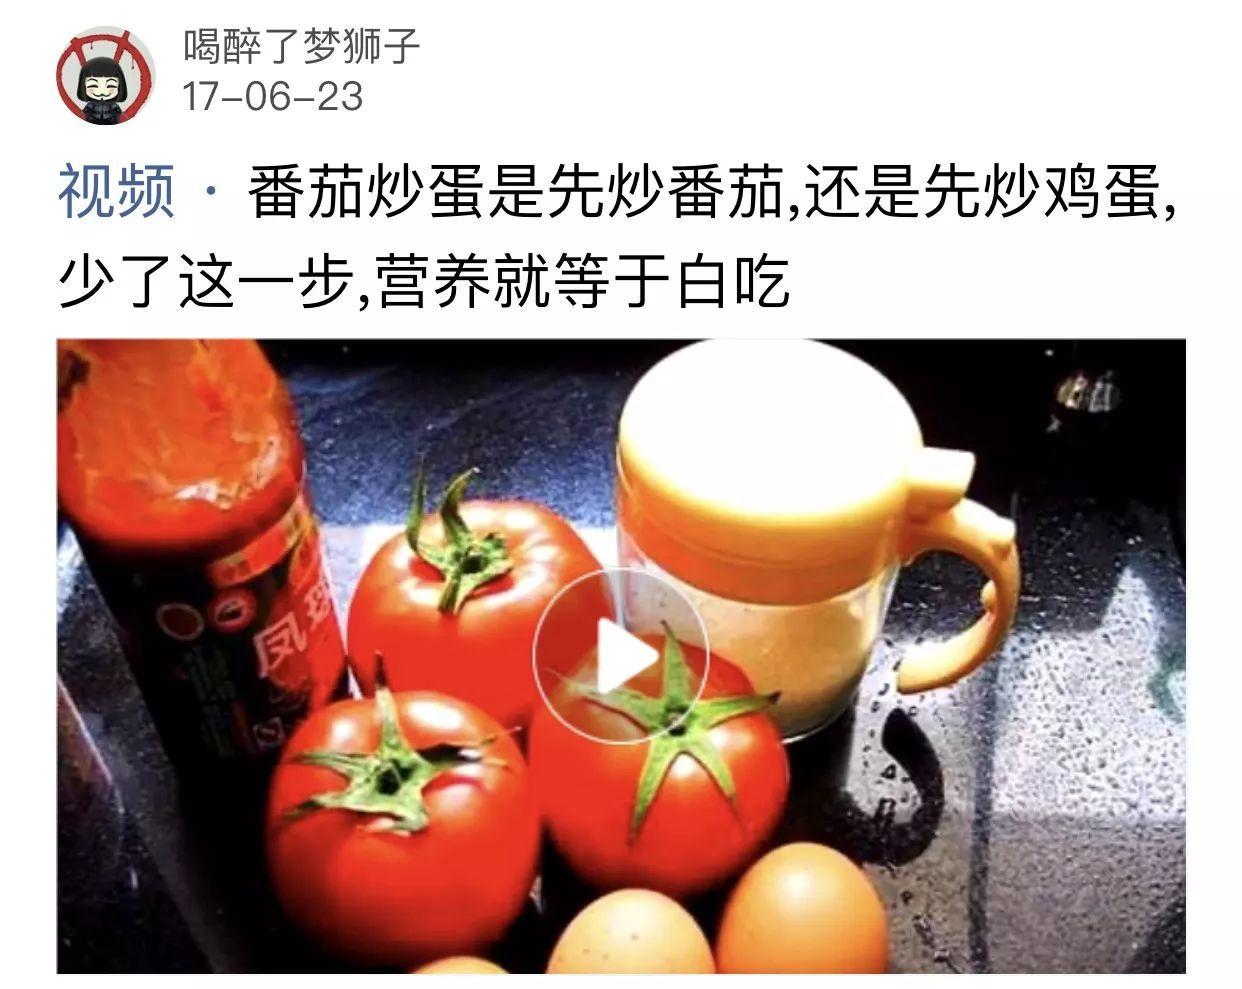 外交部长王毅:国际社会有必要共同抵制单边主义行径,让为所欲为的人恢复理智